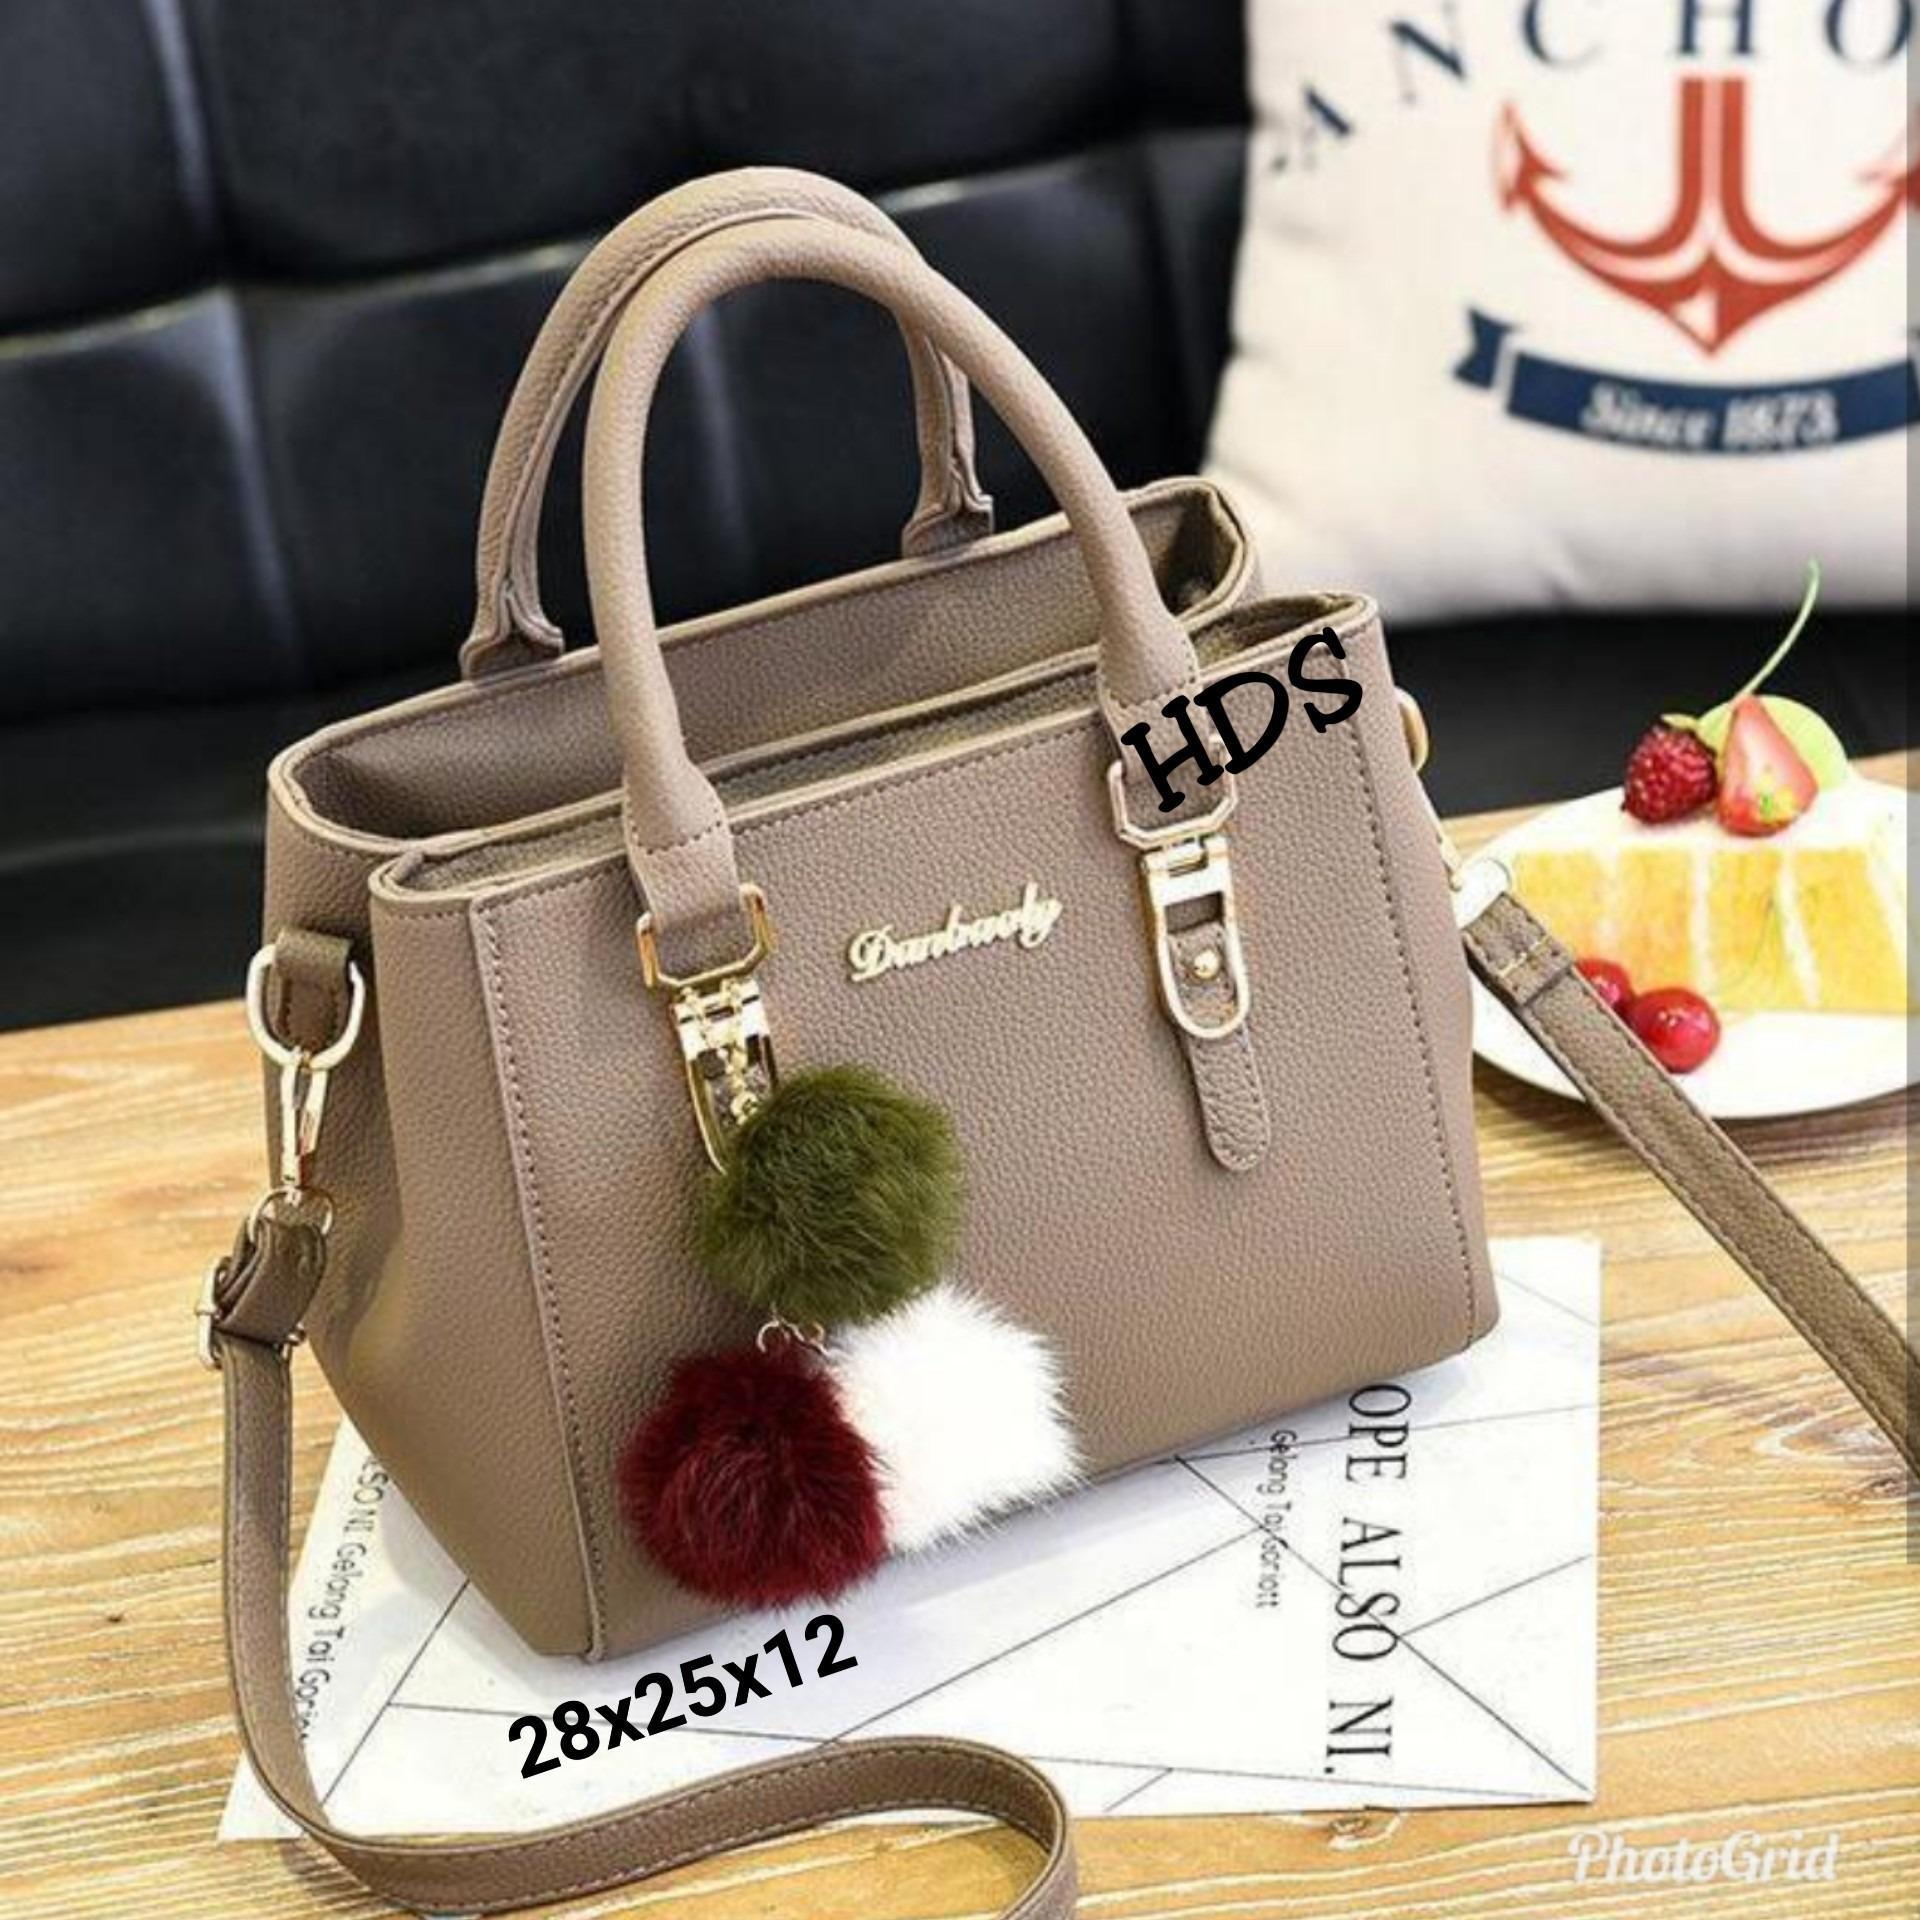 Amaryllis Sling Bag Korean Style Diarlo / Tas Selempang Wanita Korean Style